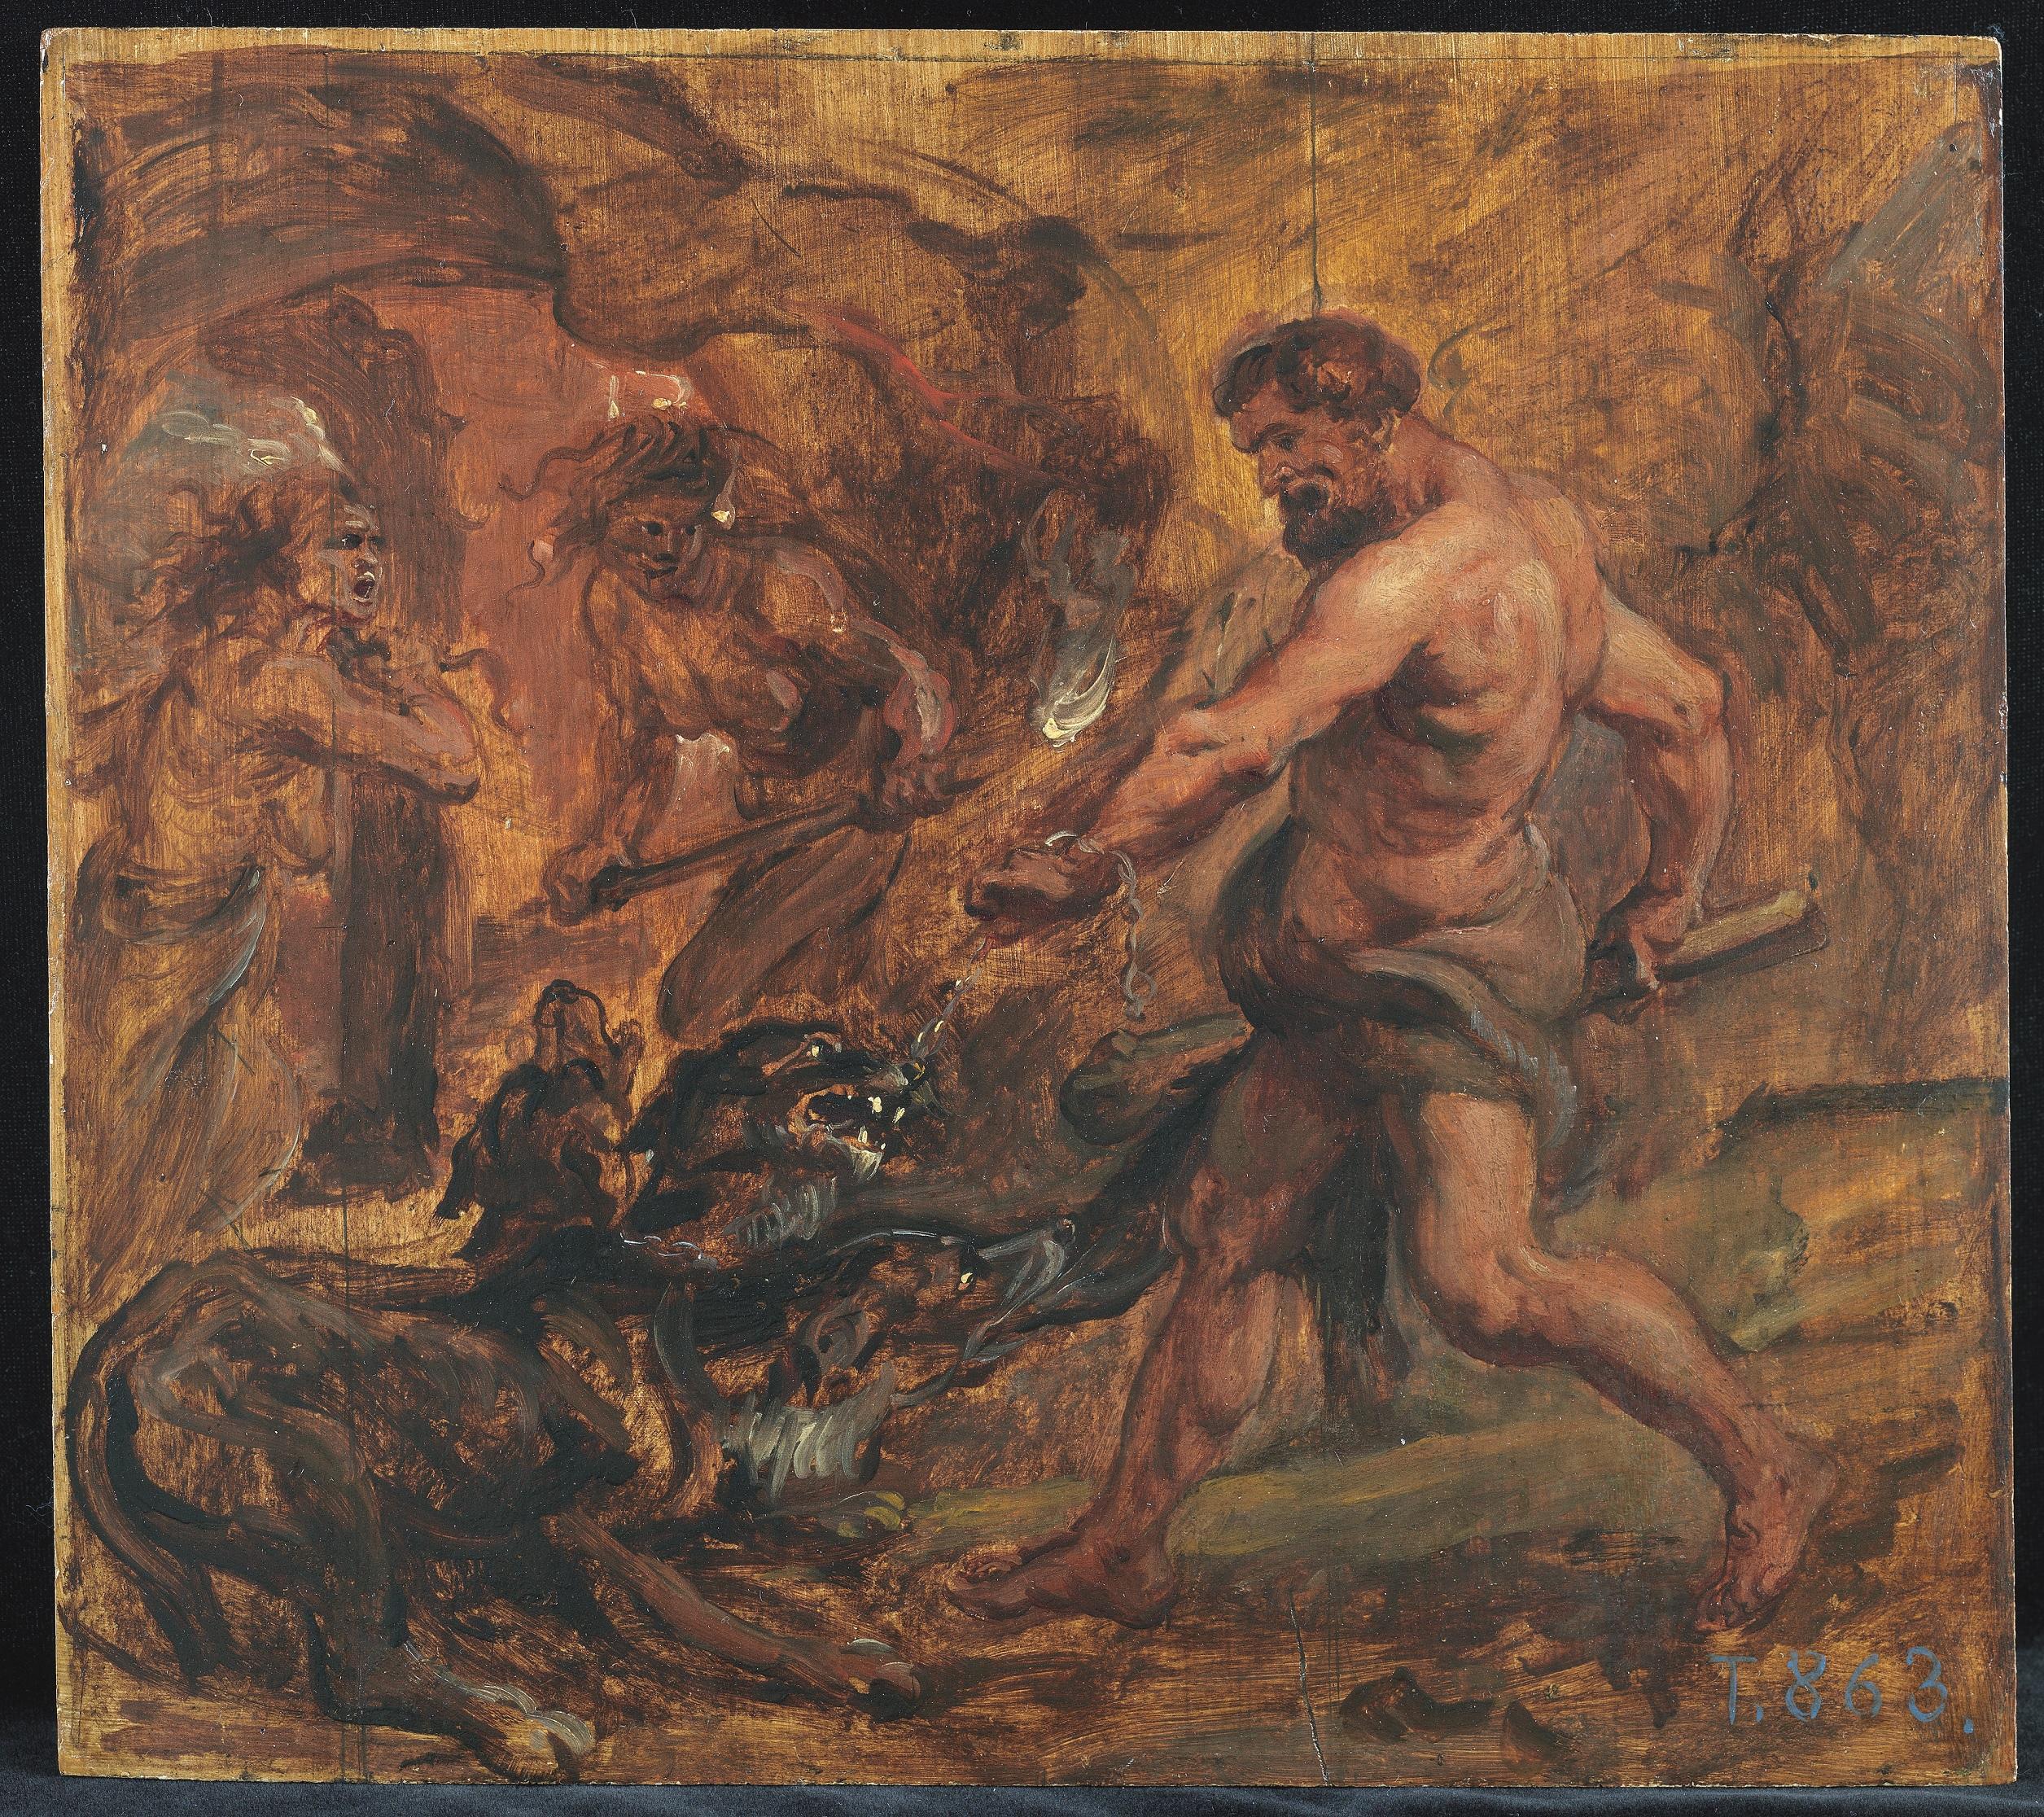 Peter Paul Rubens (1577-1640), Hercules and Cerberus, ca. 1636-1637, oil on panel, 28 x 31.6 cm Museo Nacional del Prado